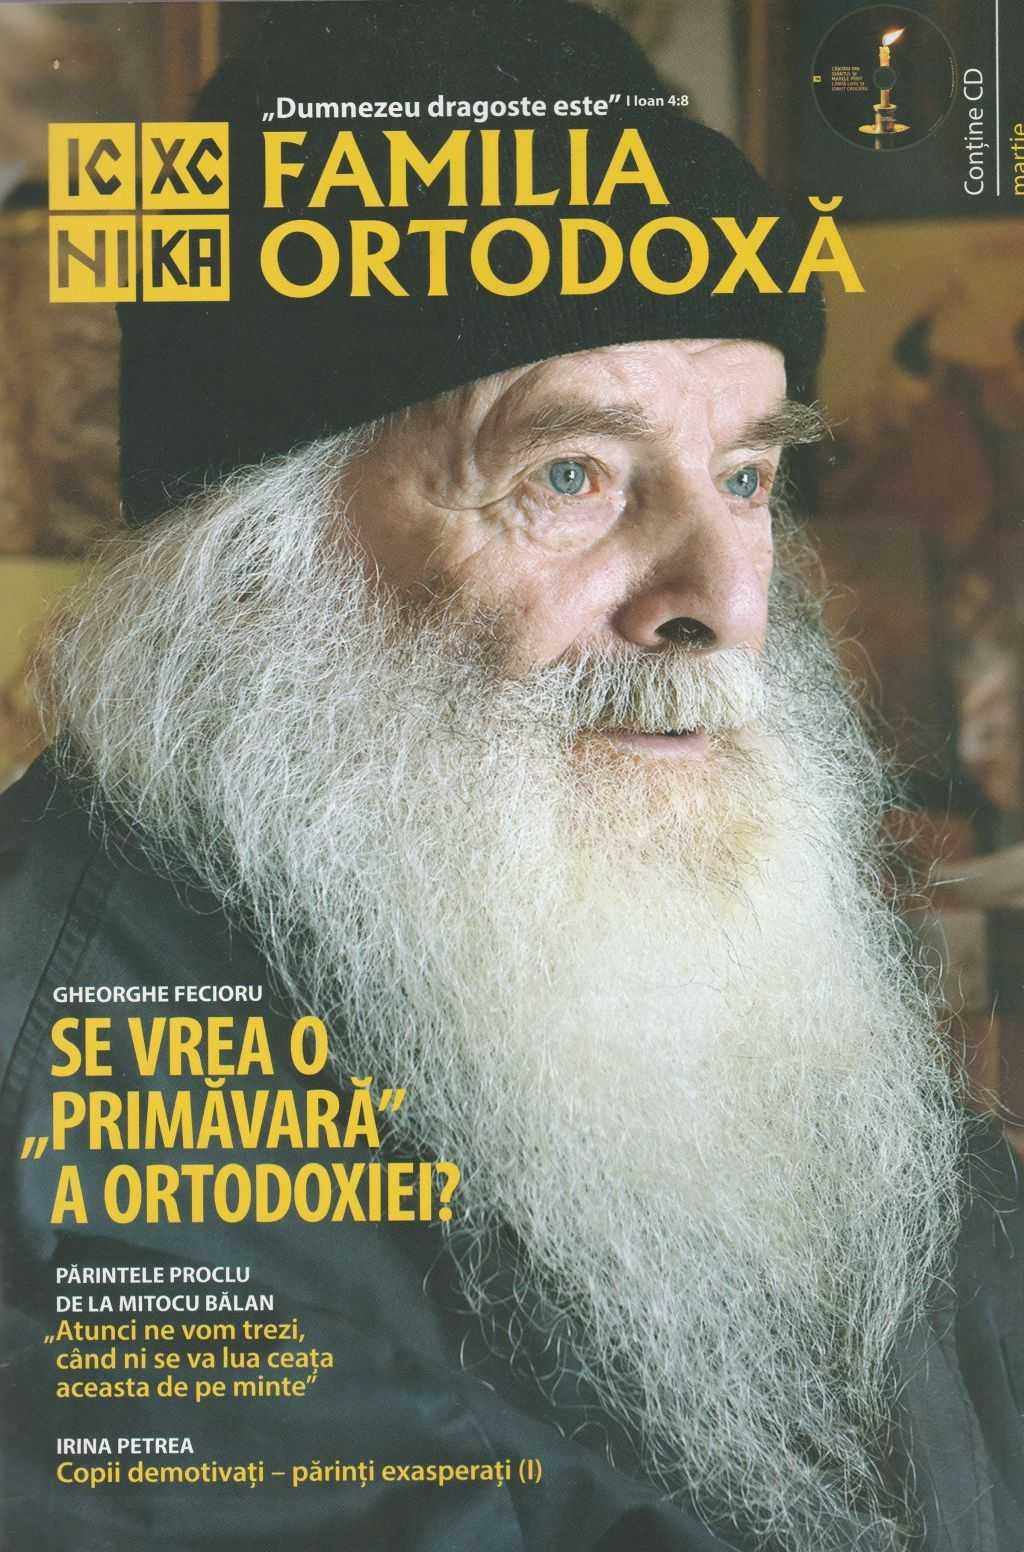 PĂRINTELE PROCLU &#8211; ultimul cuvânt de folos, despre tulburările din Biserică, după &#8220;sinodul&#8221; din Creta și CONDIȚIILE MÂNTUIRII ÎN ACESTE VREMURI: <i>&#8220;Sunt nişte duhuri care au tulburat lumea. Noi trebuie să căutăm să nu facem rupere în Biserică. Trebuie să îi iertăm pe toţi, trebuie să ne rugăm pentru toţi. Doamne, ajută să ne smerim ca să scăpăm de duhuri şi de toate!&#8221;</i>